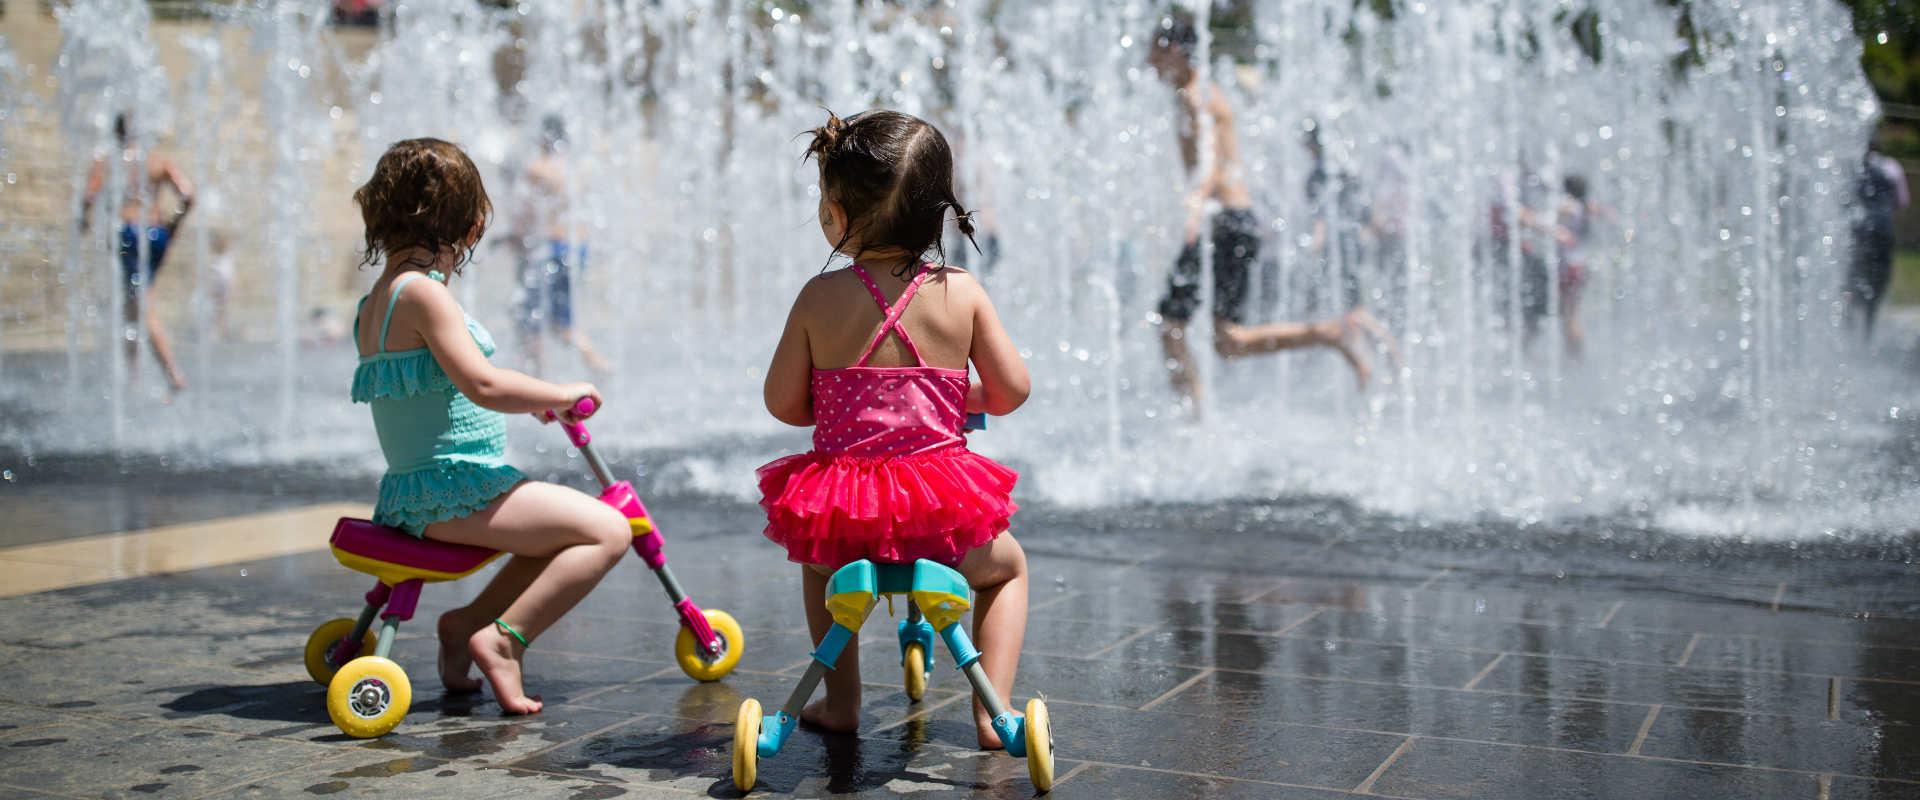 ילדים משחקים במזרקה בירושלים